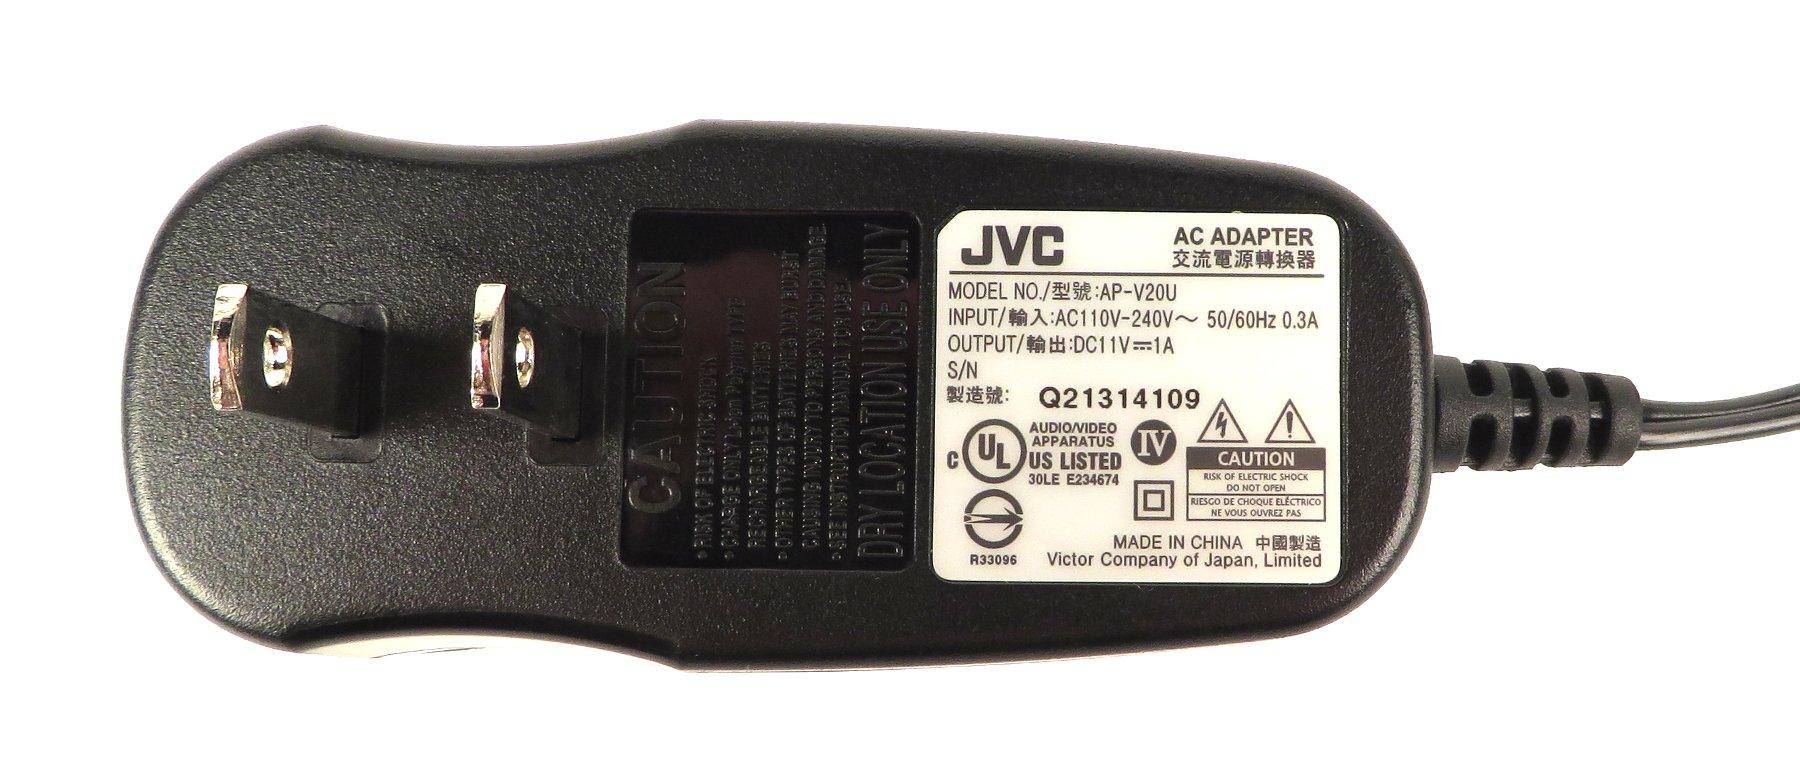 AC Adaptor for GR-DA30U